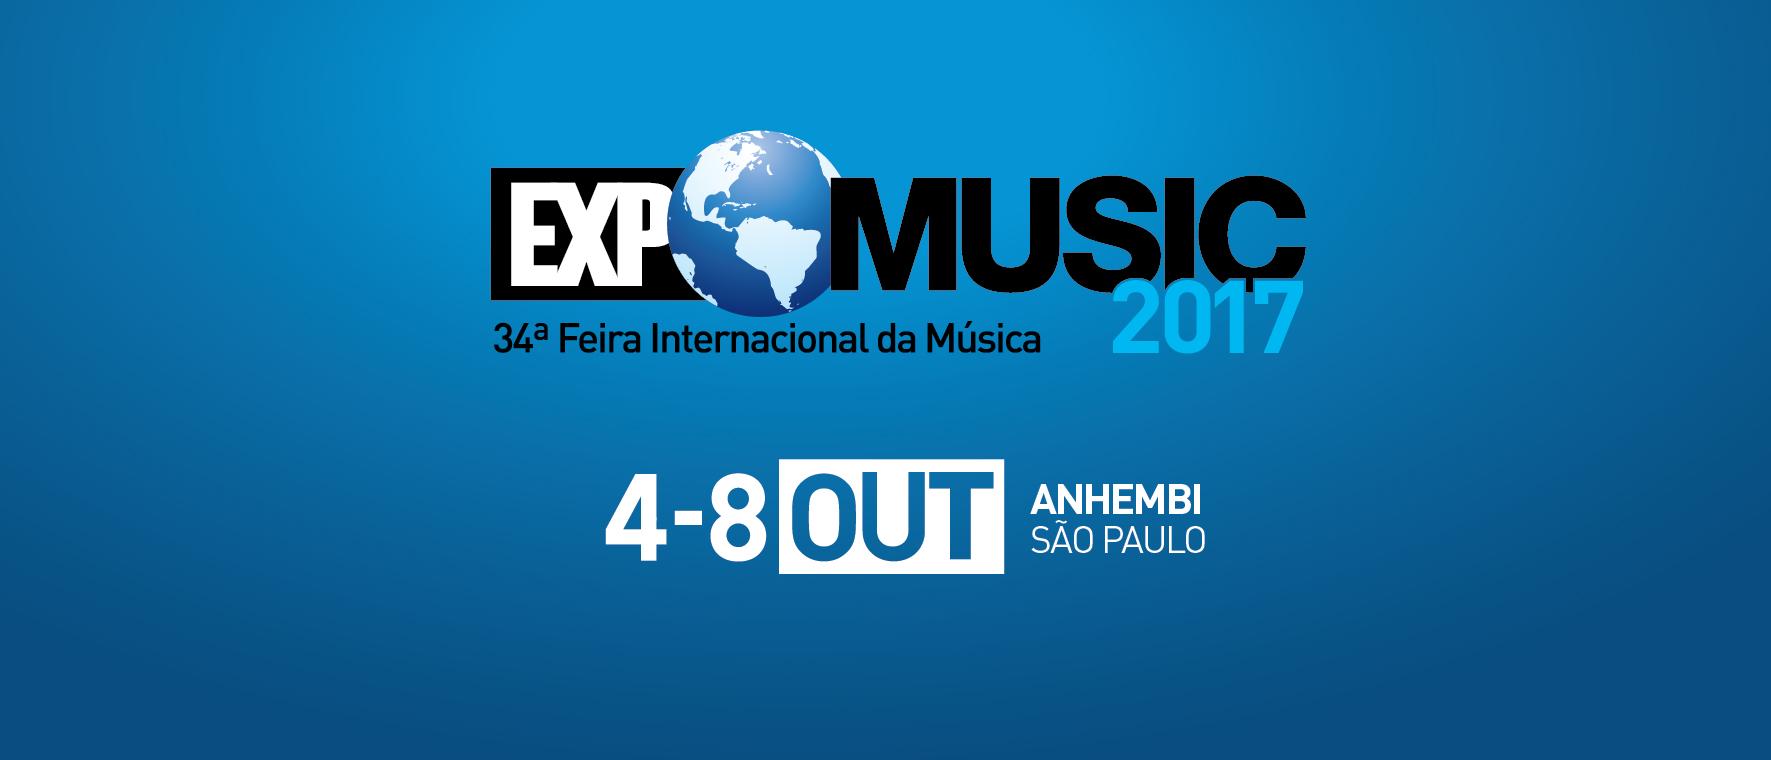 emu17_expomusic_face_abemusica_850x365